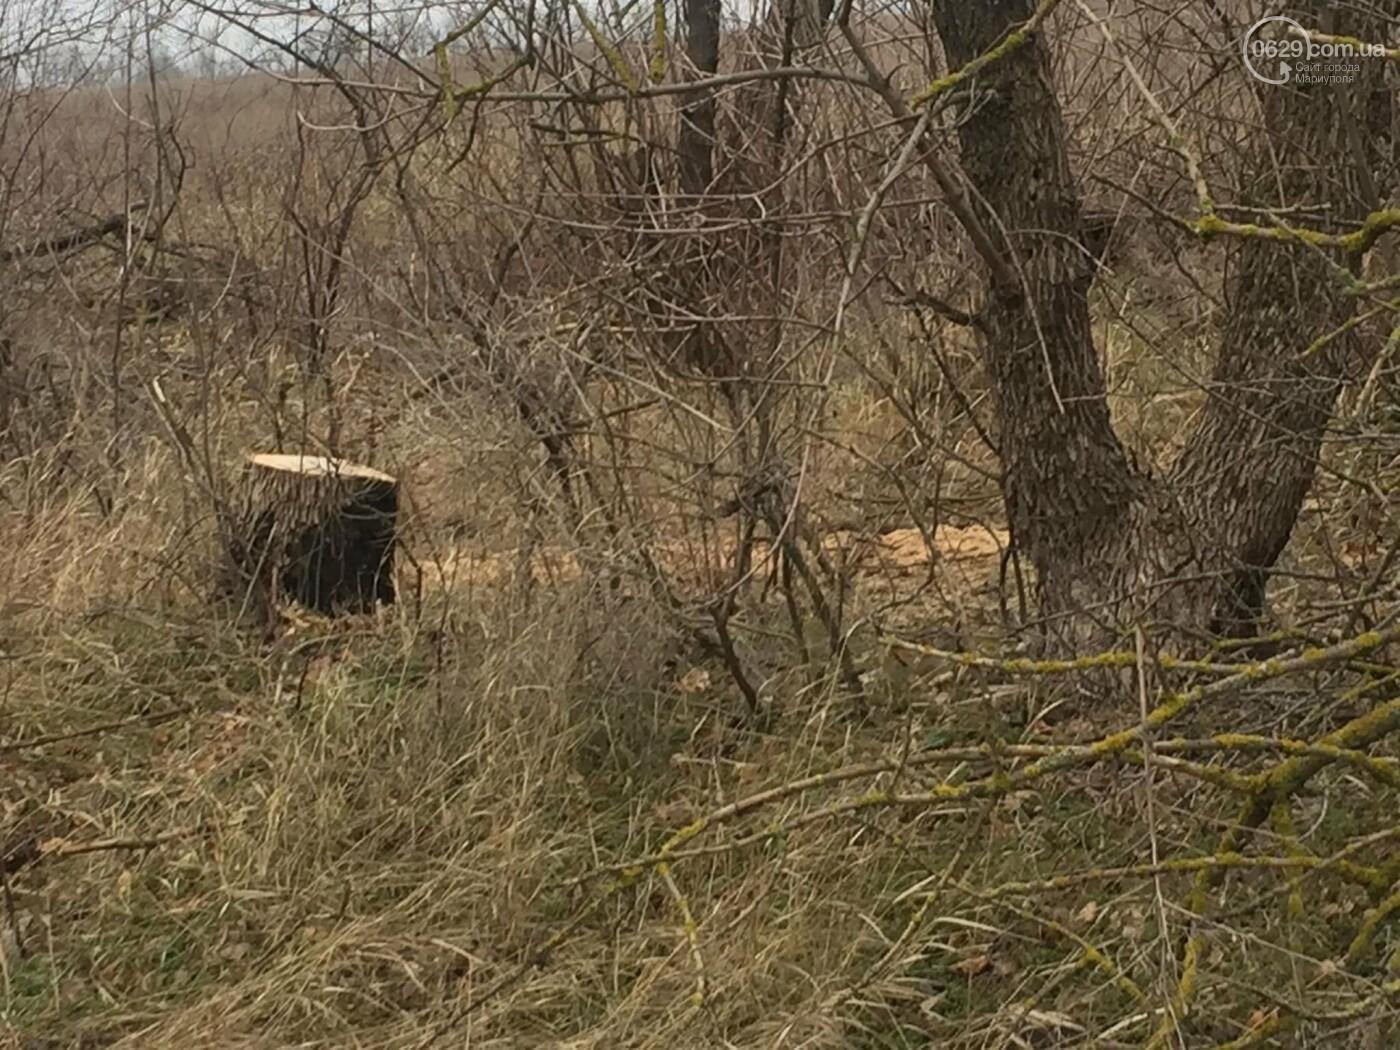 Черные лесорубы: в Мариуполе  беспощадно уничтожается лесополоса на дороге для европейцев, - ФОТО, ВИДЕО, фото-4